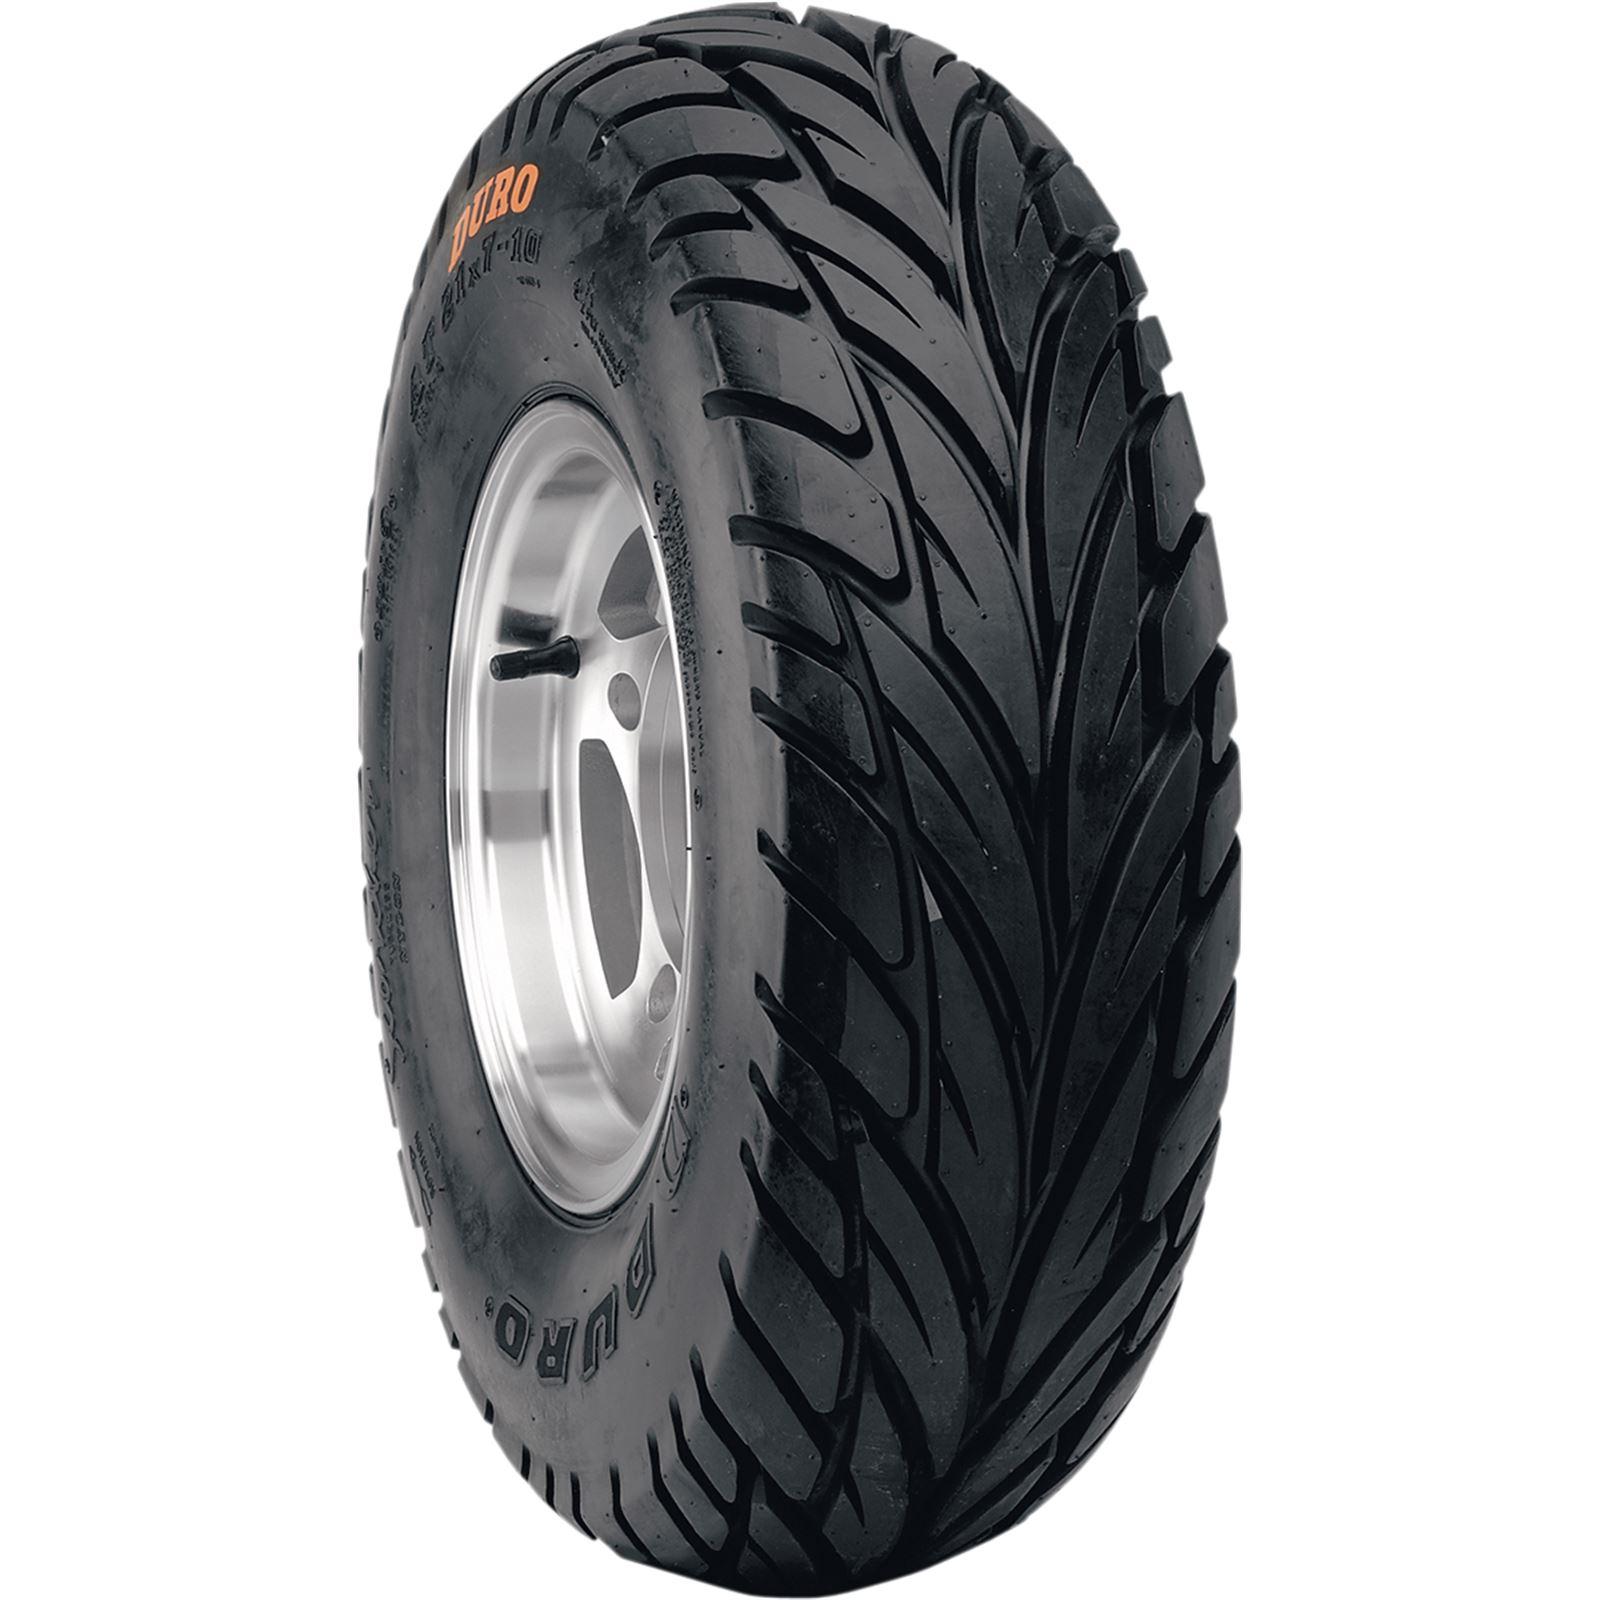 Duro Tire Tire - DI2019 - 25X8-12 - 4 Ply